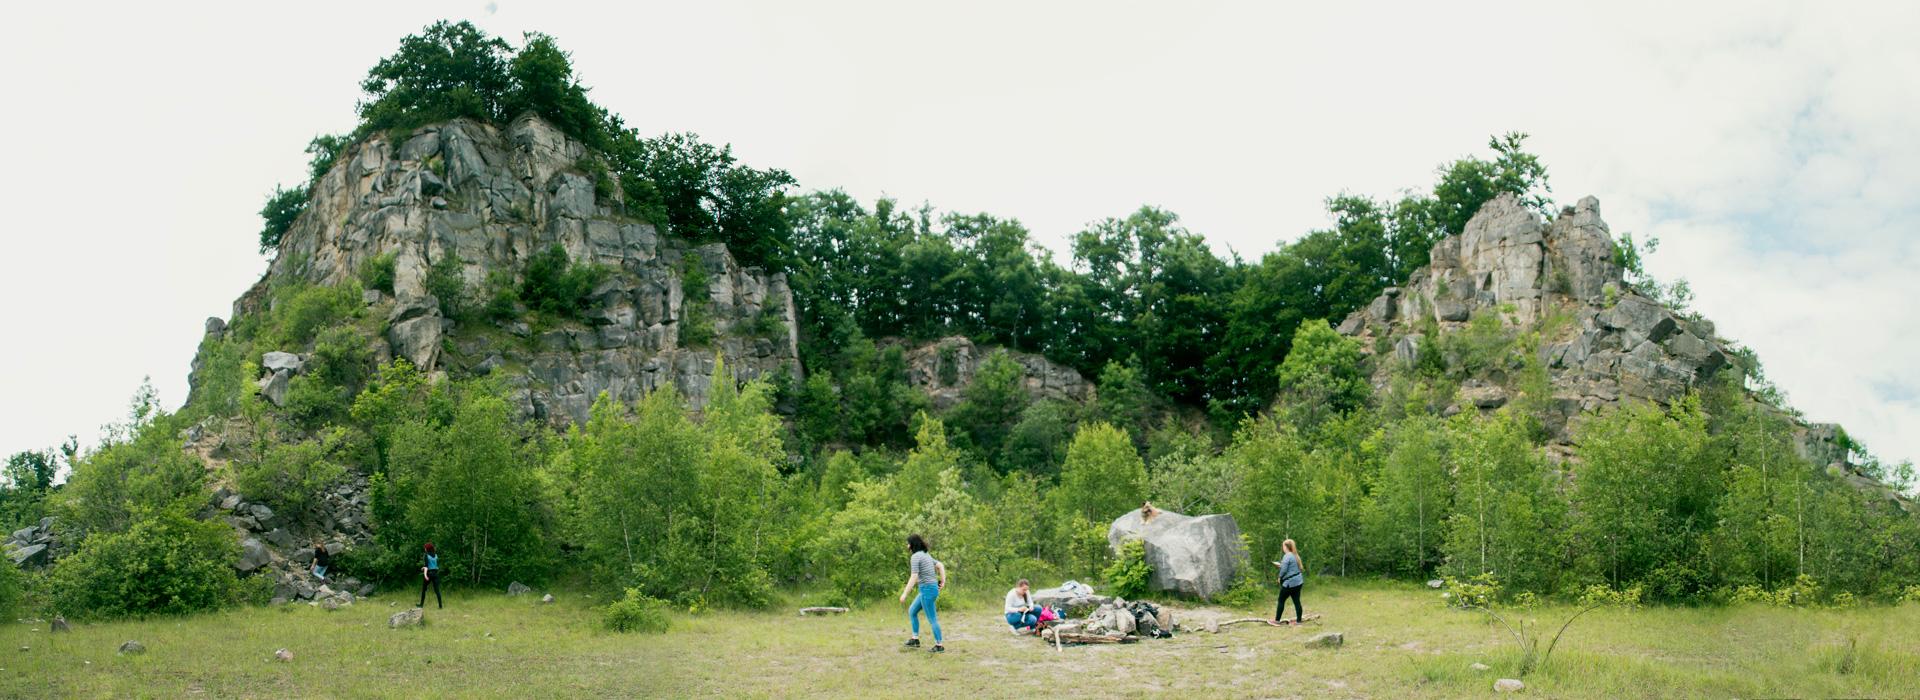 Panaromafoto von einem alten Steinbruch in Salzhemmendorf